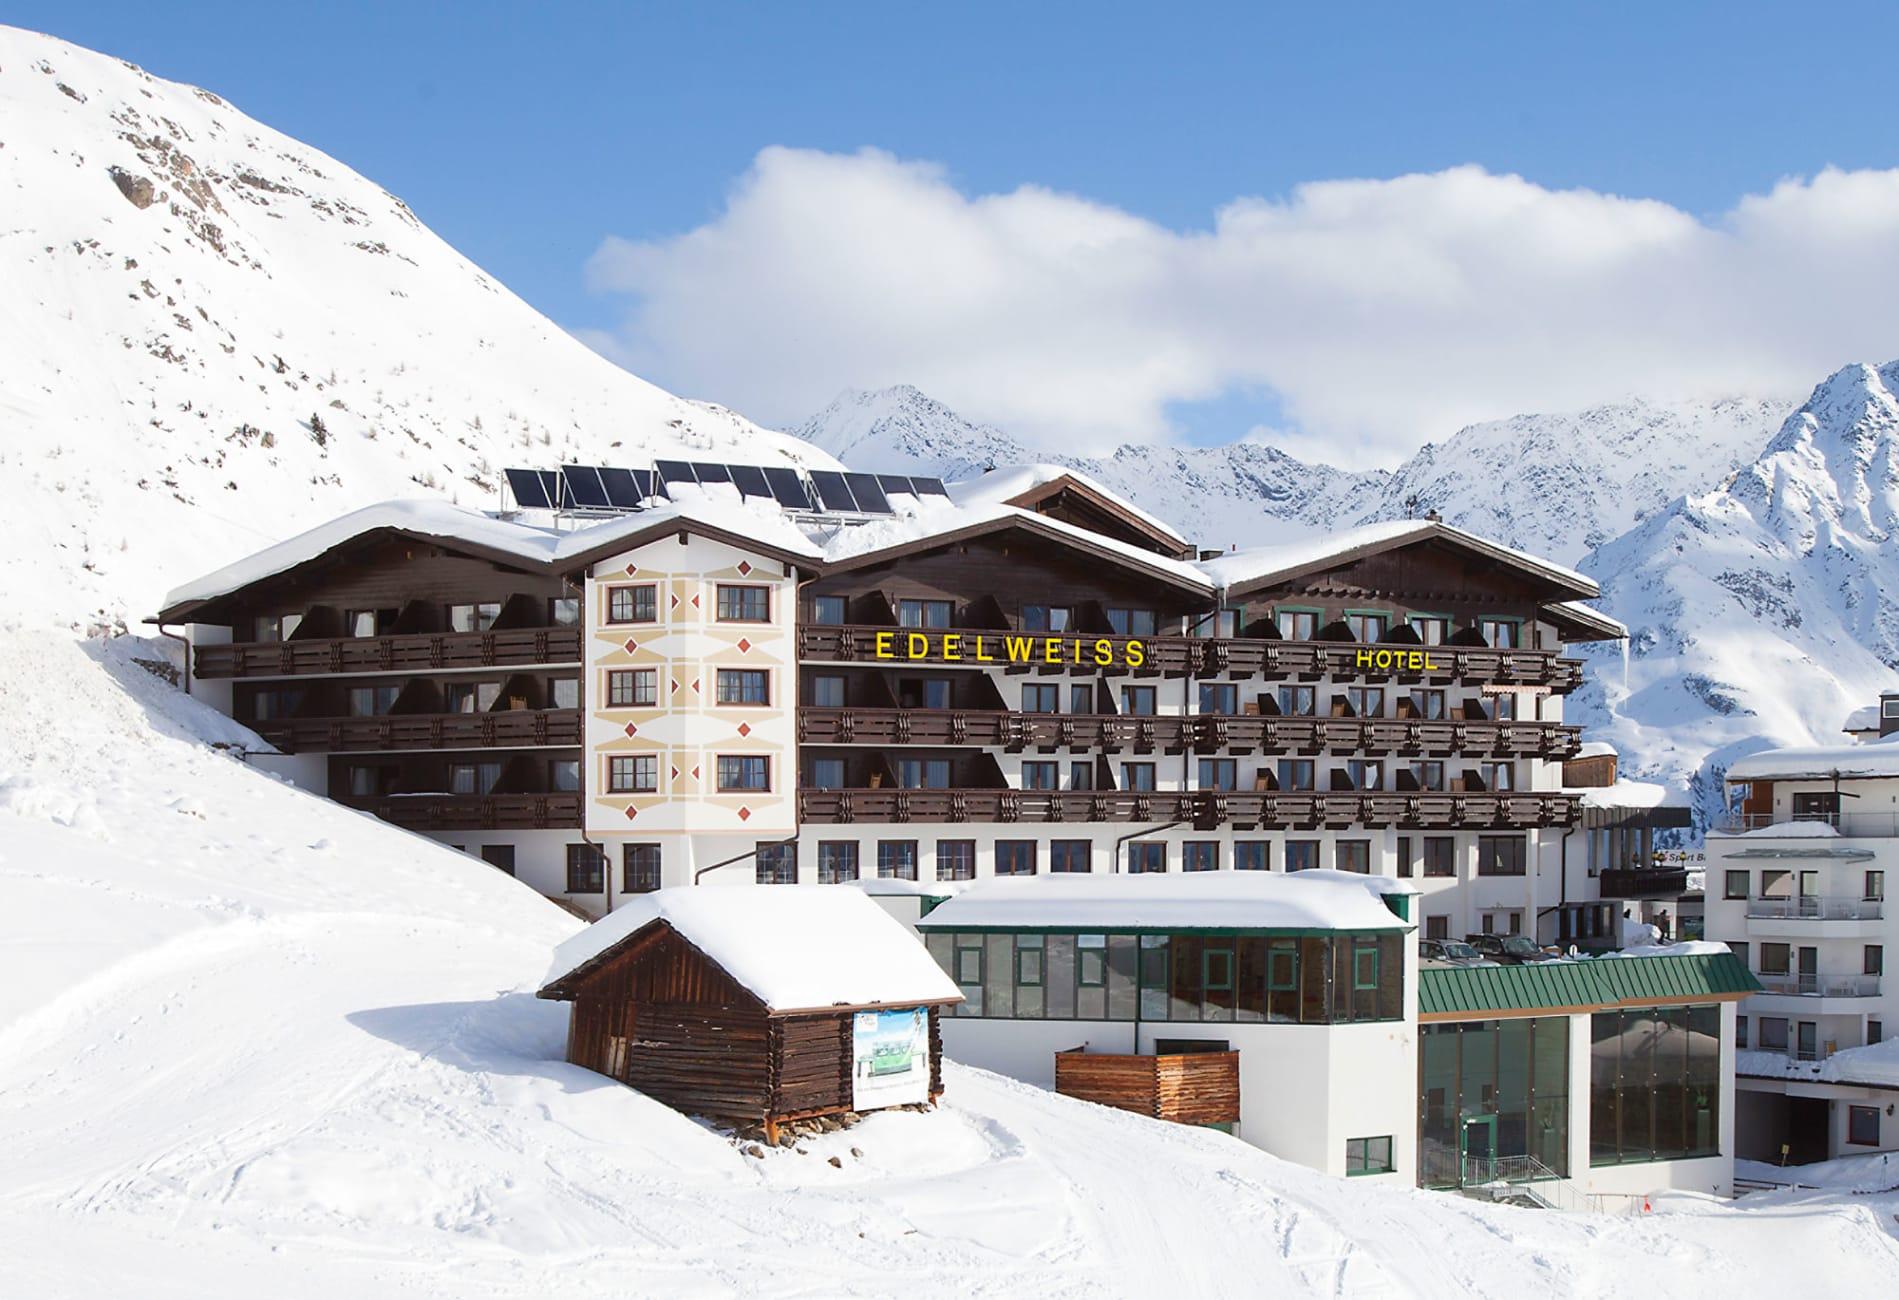 Hotel Hotel Edelweiss Hochsolden Trivago Com